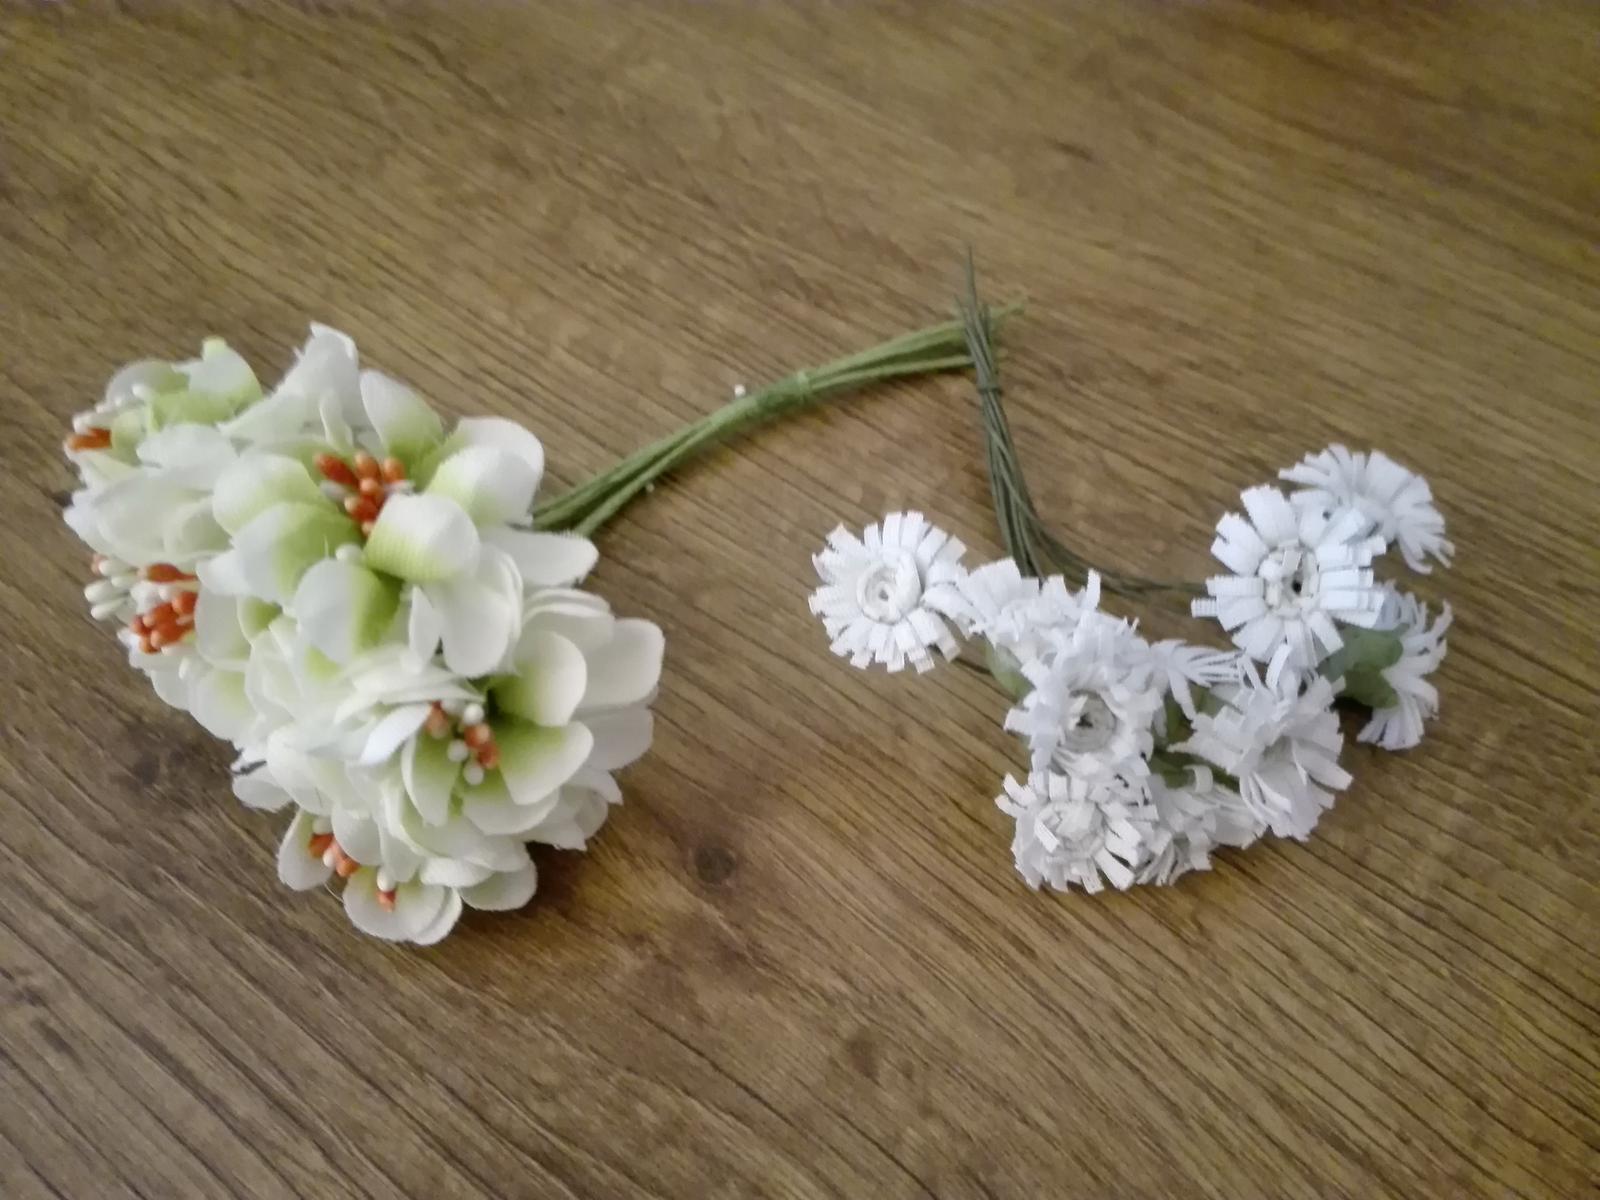 Kvety na drôtiku vhodné na výzdobu - Obrázok č. 1